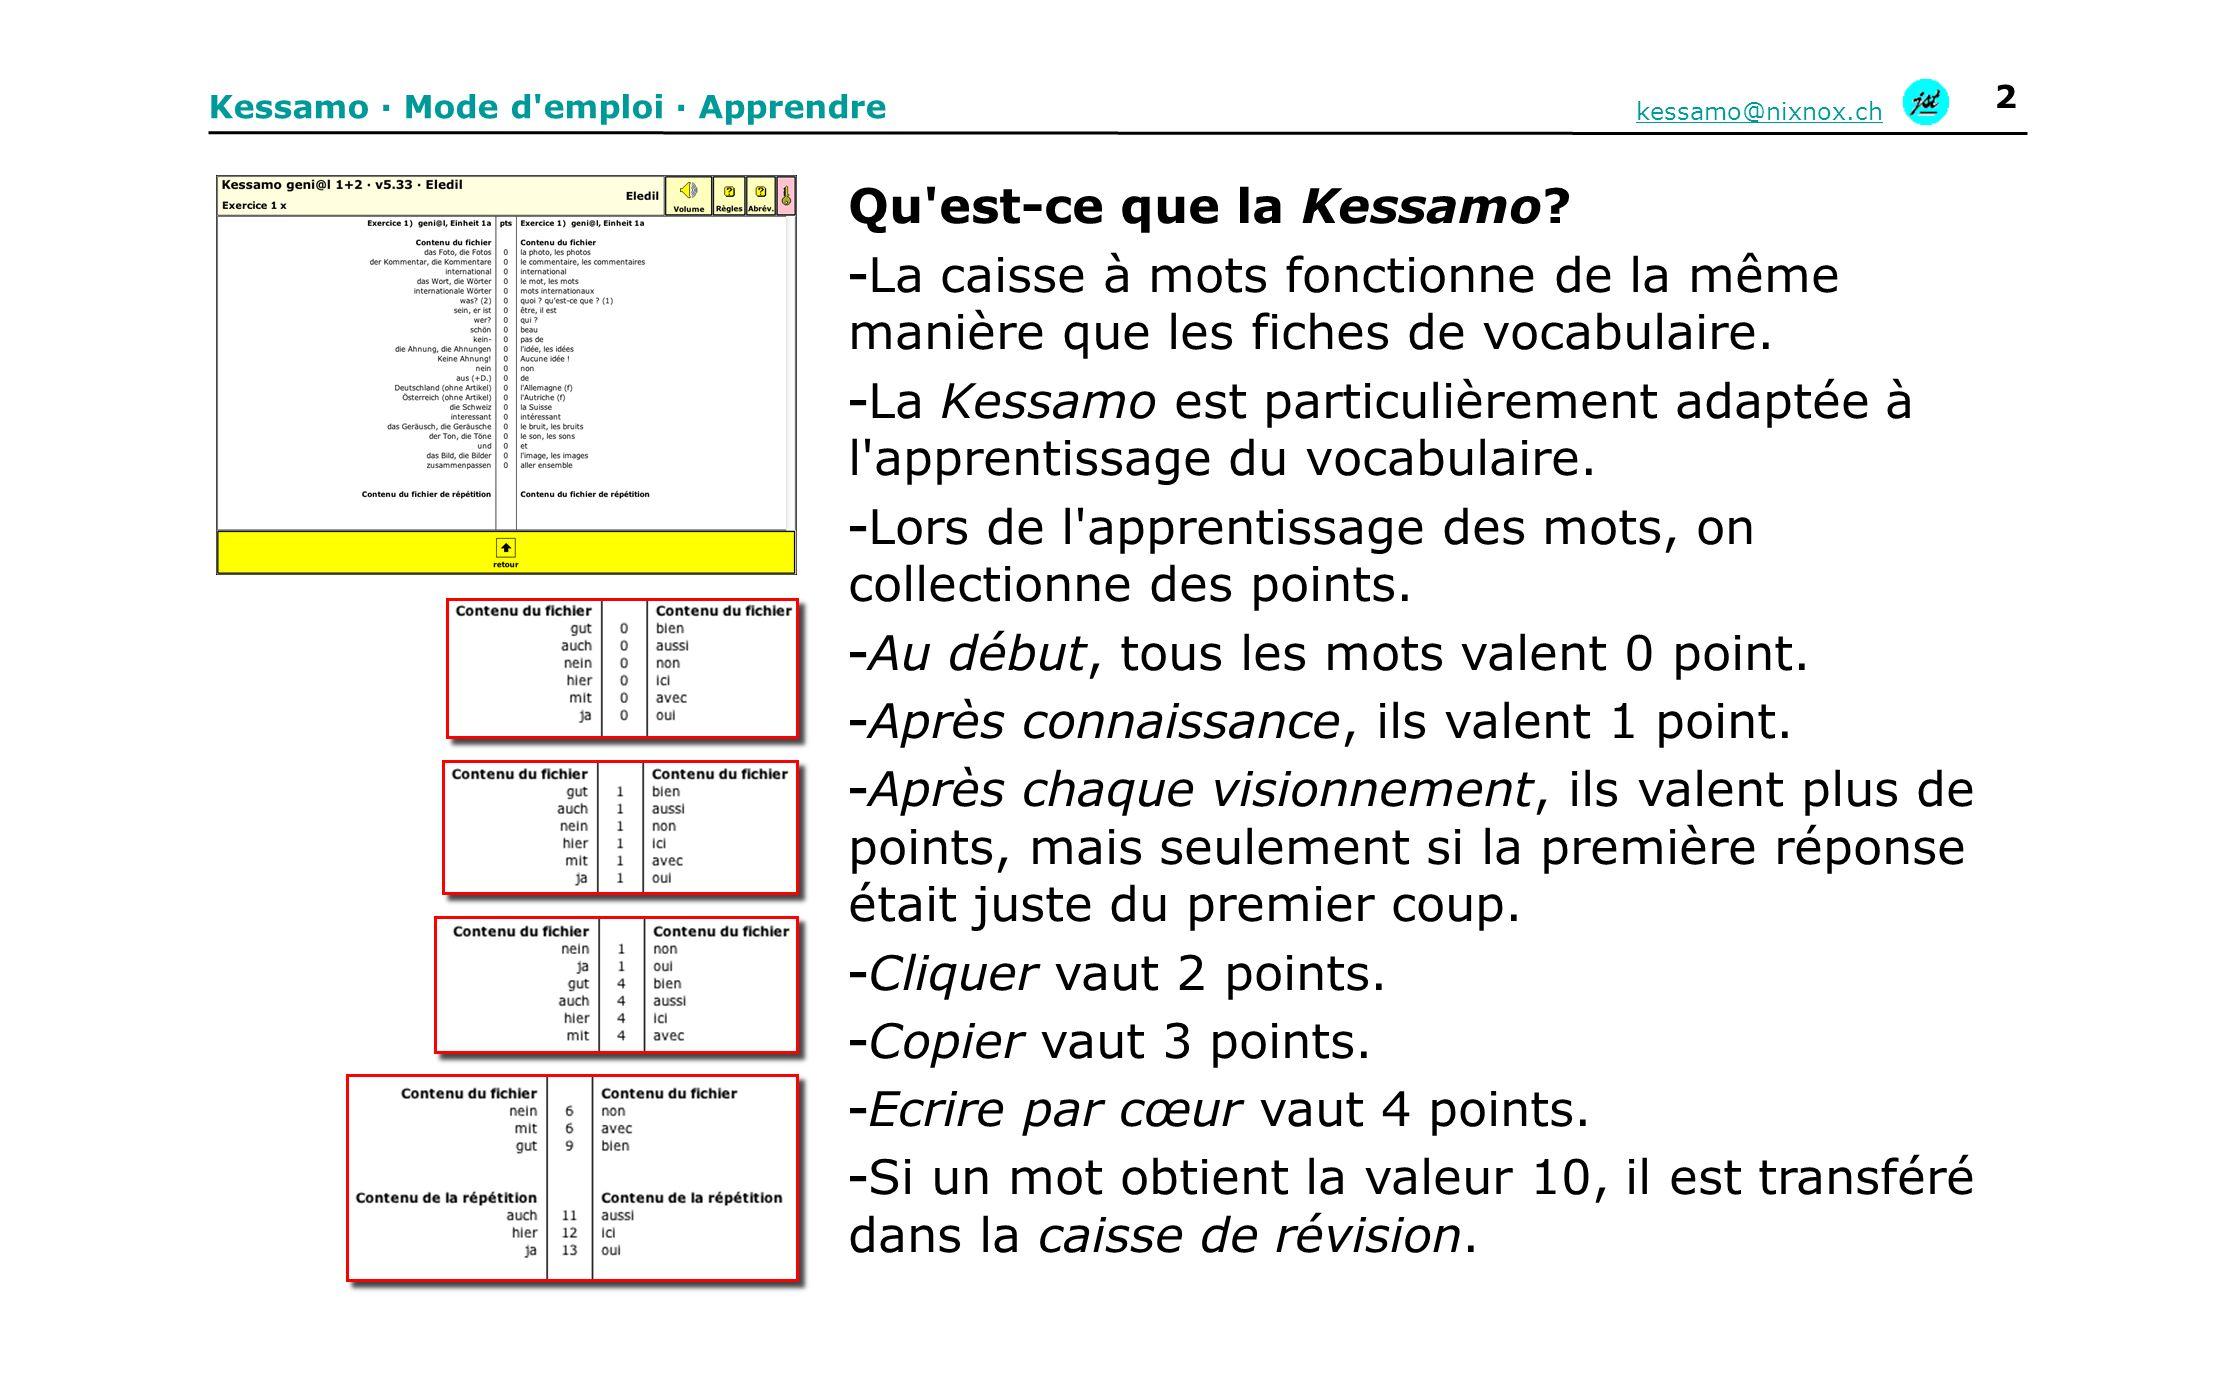 Kessamo · Mode d'emploi · Apprendre kessamo@nixnox.ch 2 Qu'est-ce que la Kessamo? La caisse à mots fonctionne de la même manière que les fiches de voc